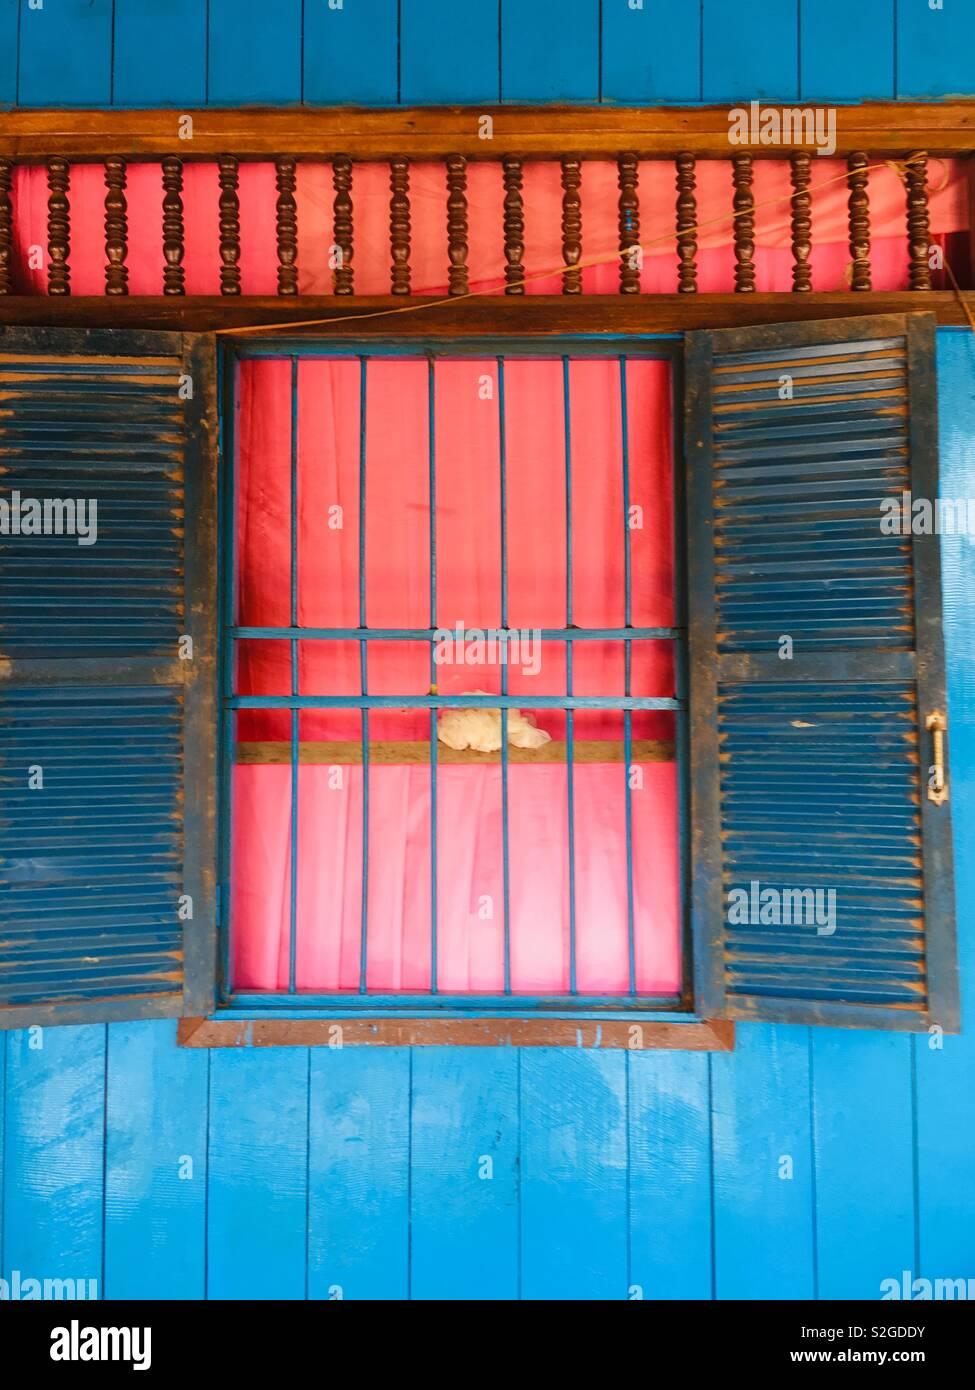 Fenêtre avec grille de métal et l'usure du temps dans un jeu de volets en bois peint de couleur maison. Cambodge Asie du sud-est Banque D'Images